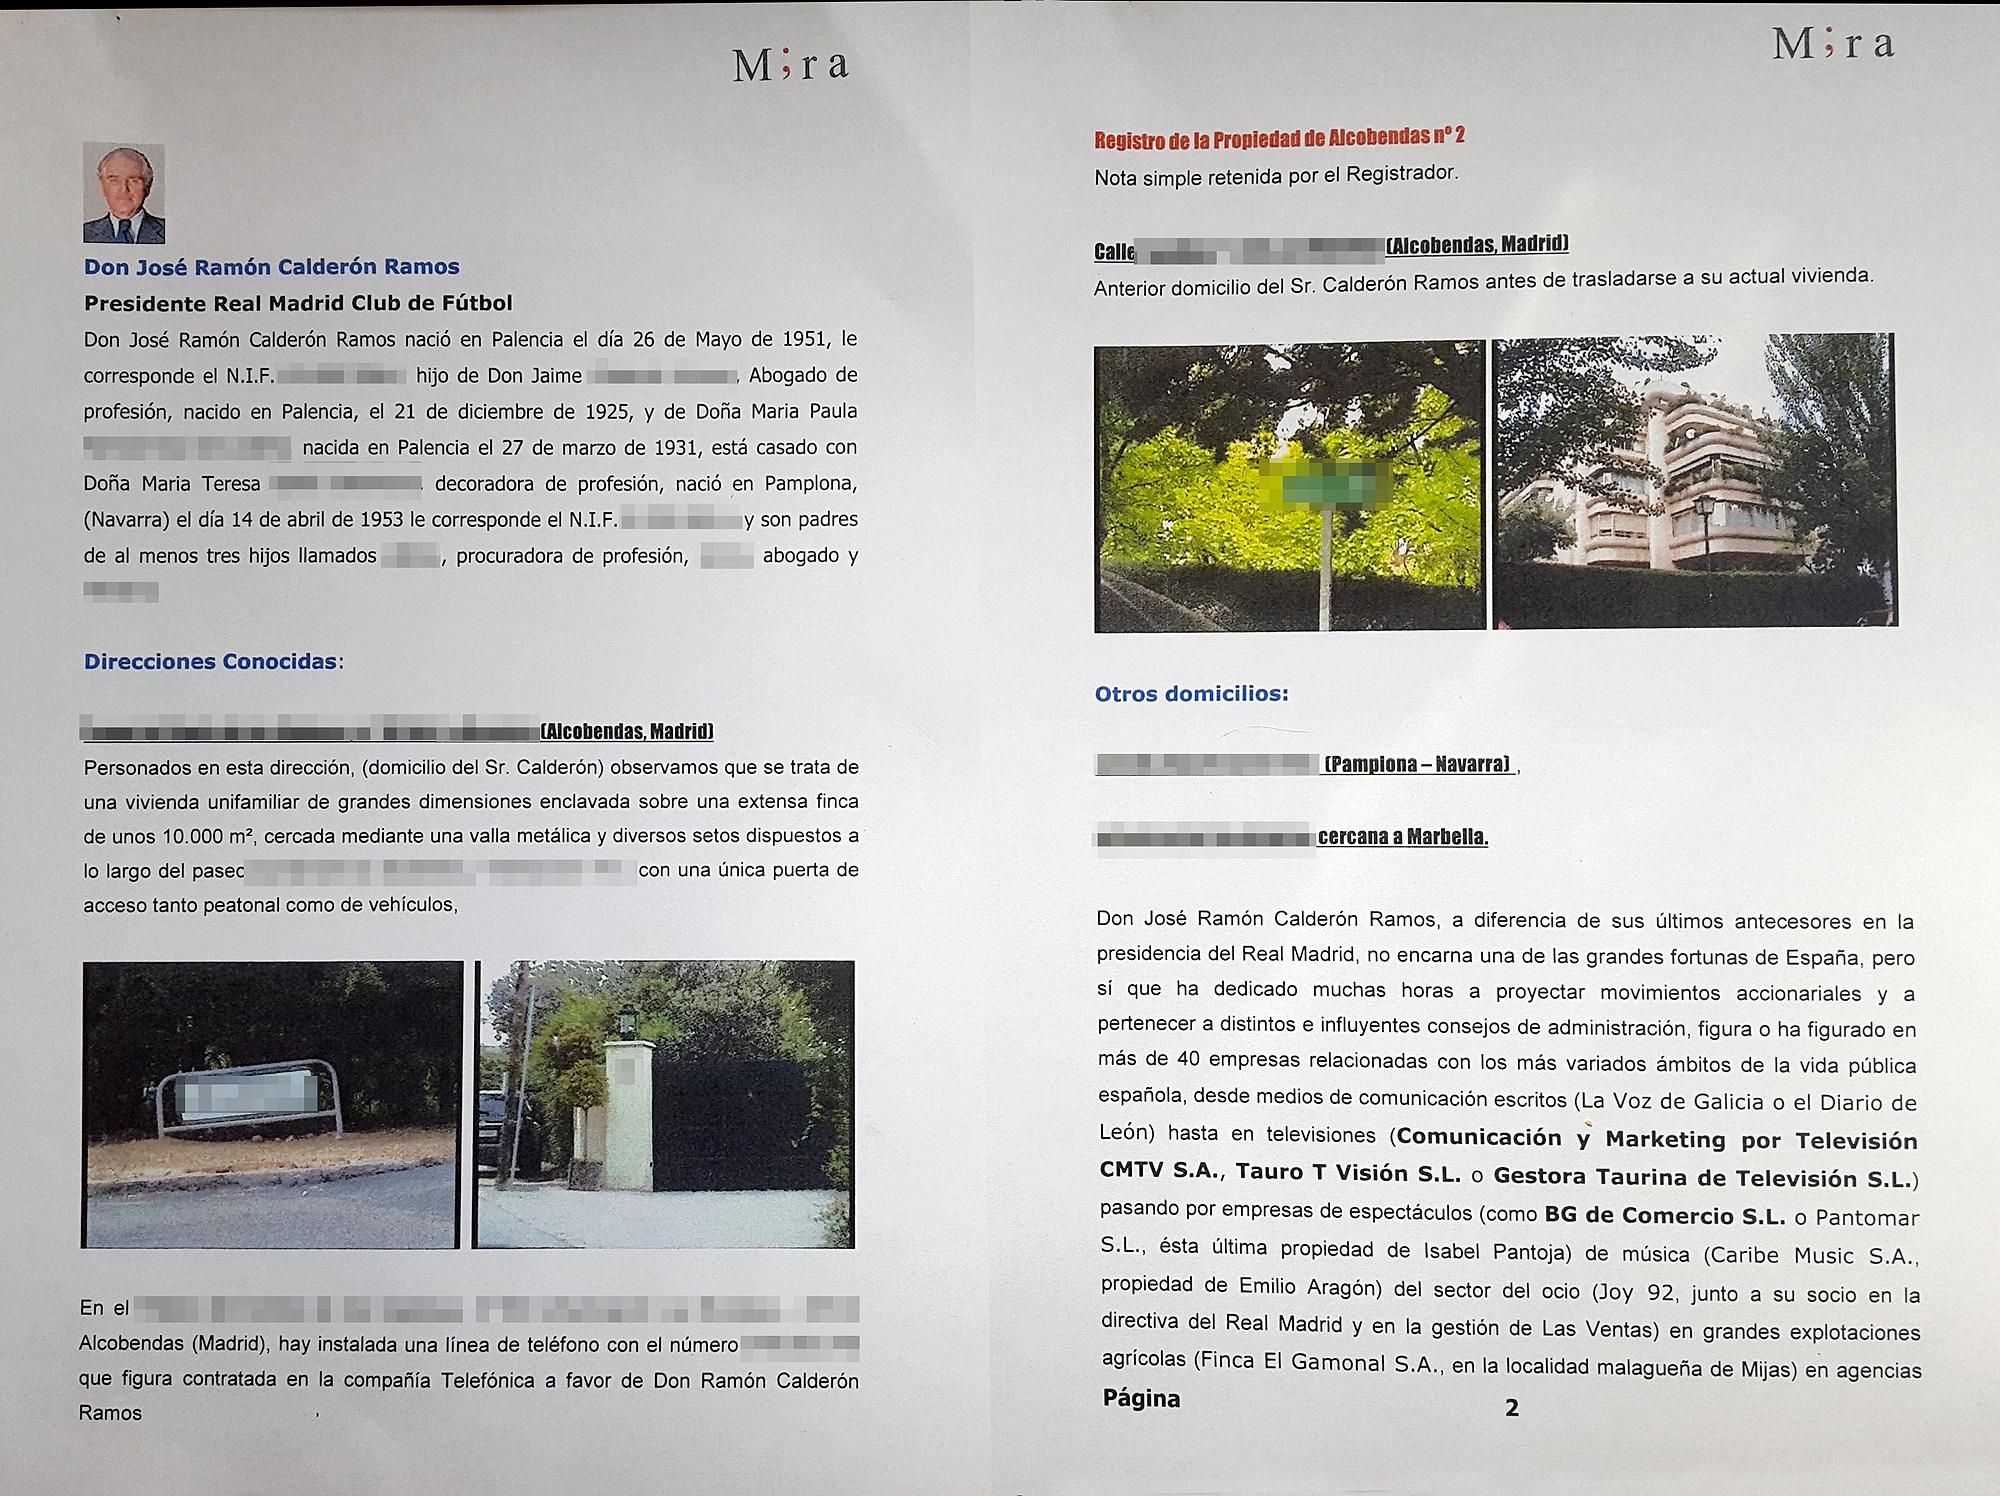 Las primeras páginas del dossier que la agencia de detectives Mira elaboró sobre Ramón Calderón